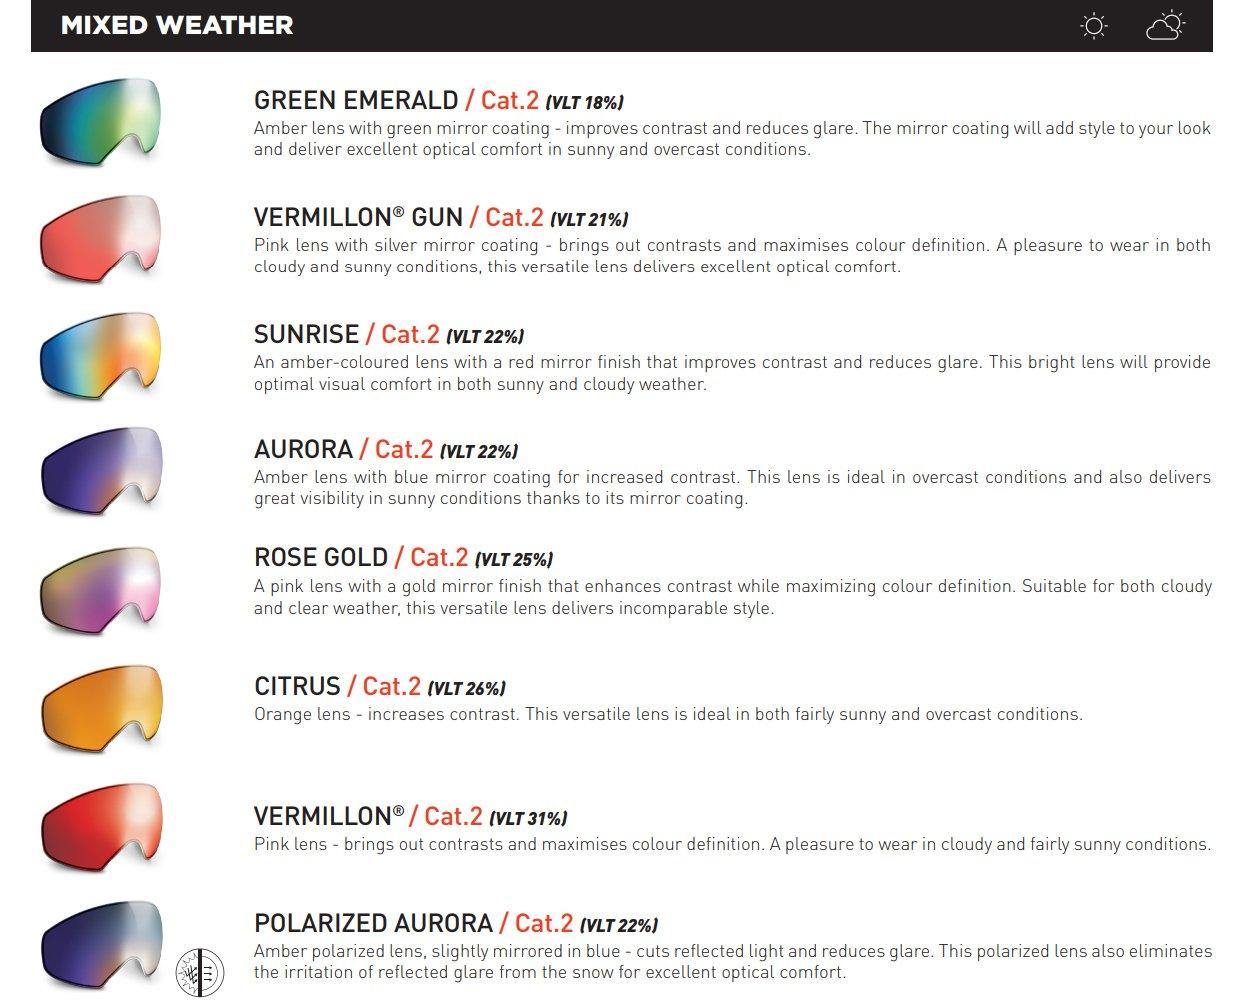 Les verres météorologiques mixtes de Bolle